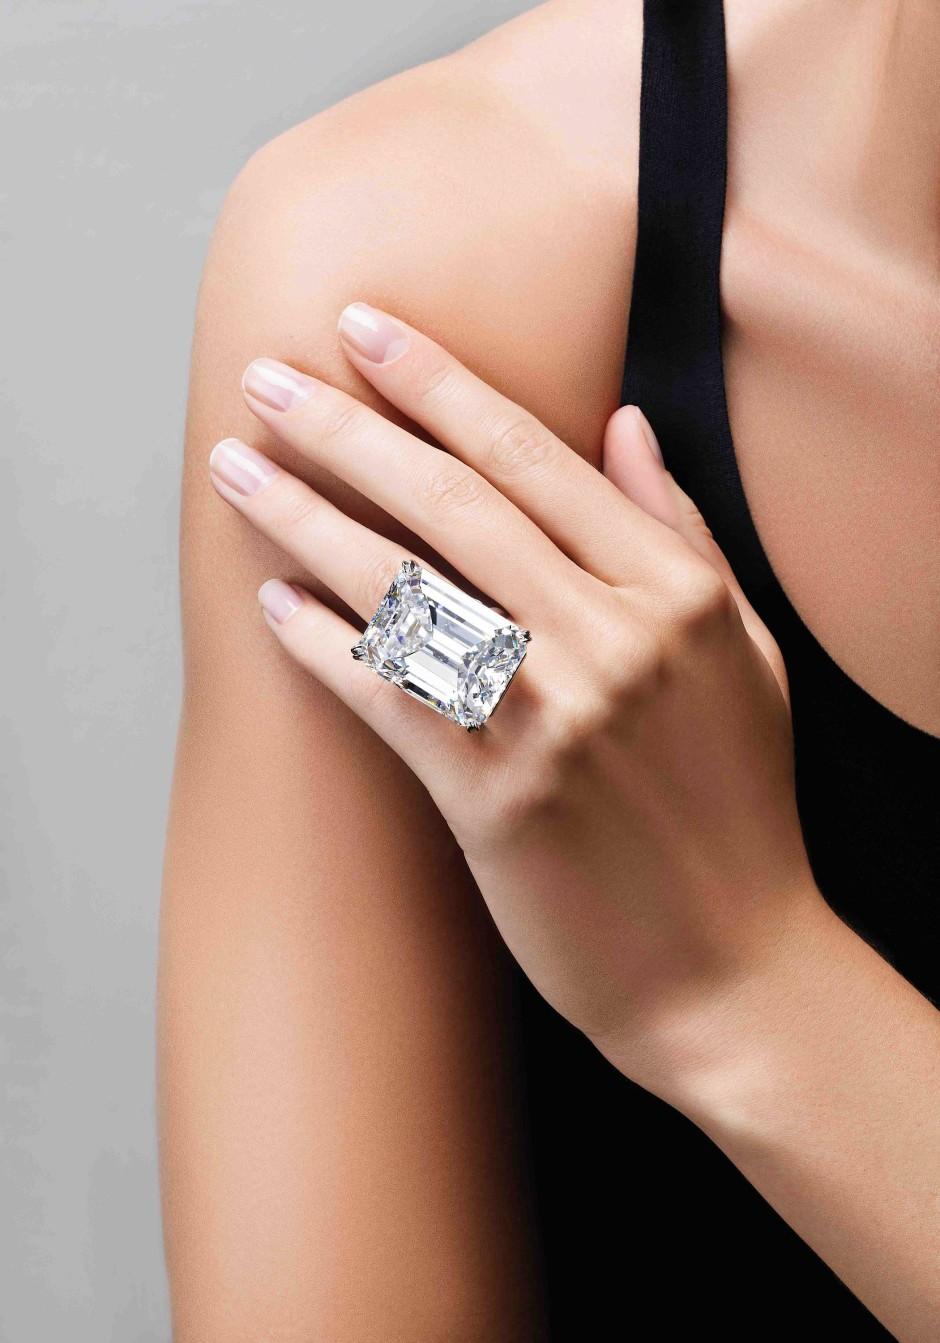 bilderstrecke zu wie kaufe ich mir einen diamanten bild 1 von 2 faz. Black Bedroom Furniture Sets. Home Design Ideas